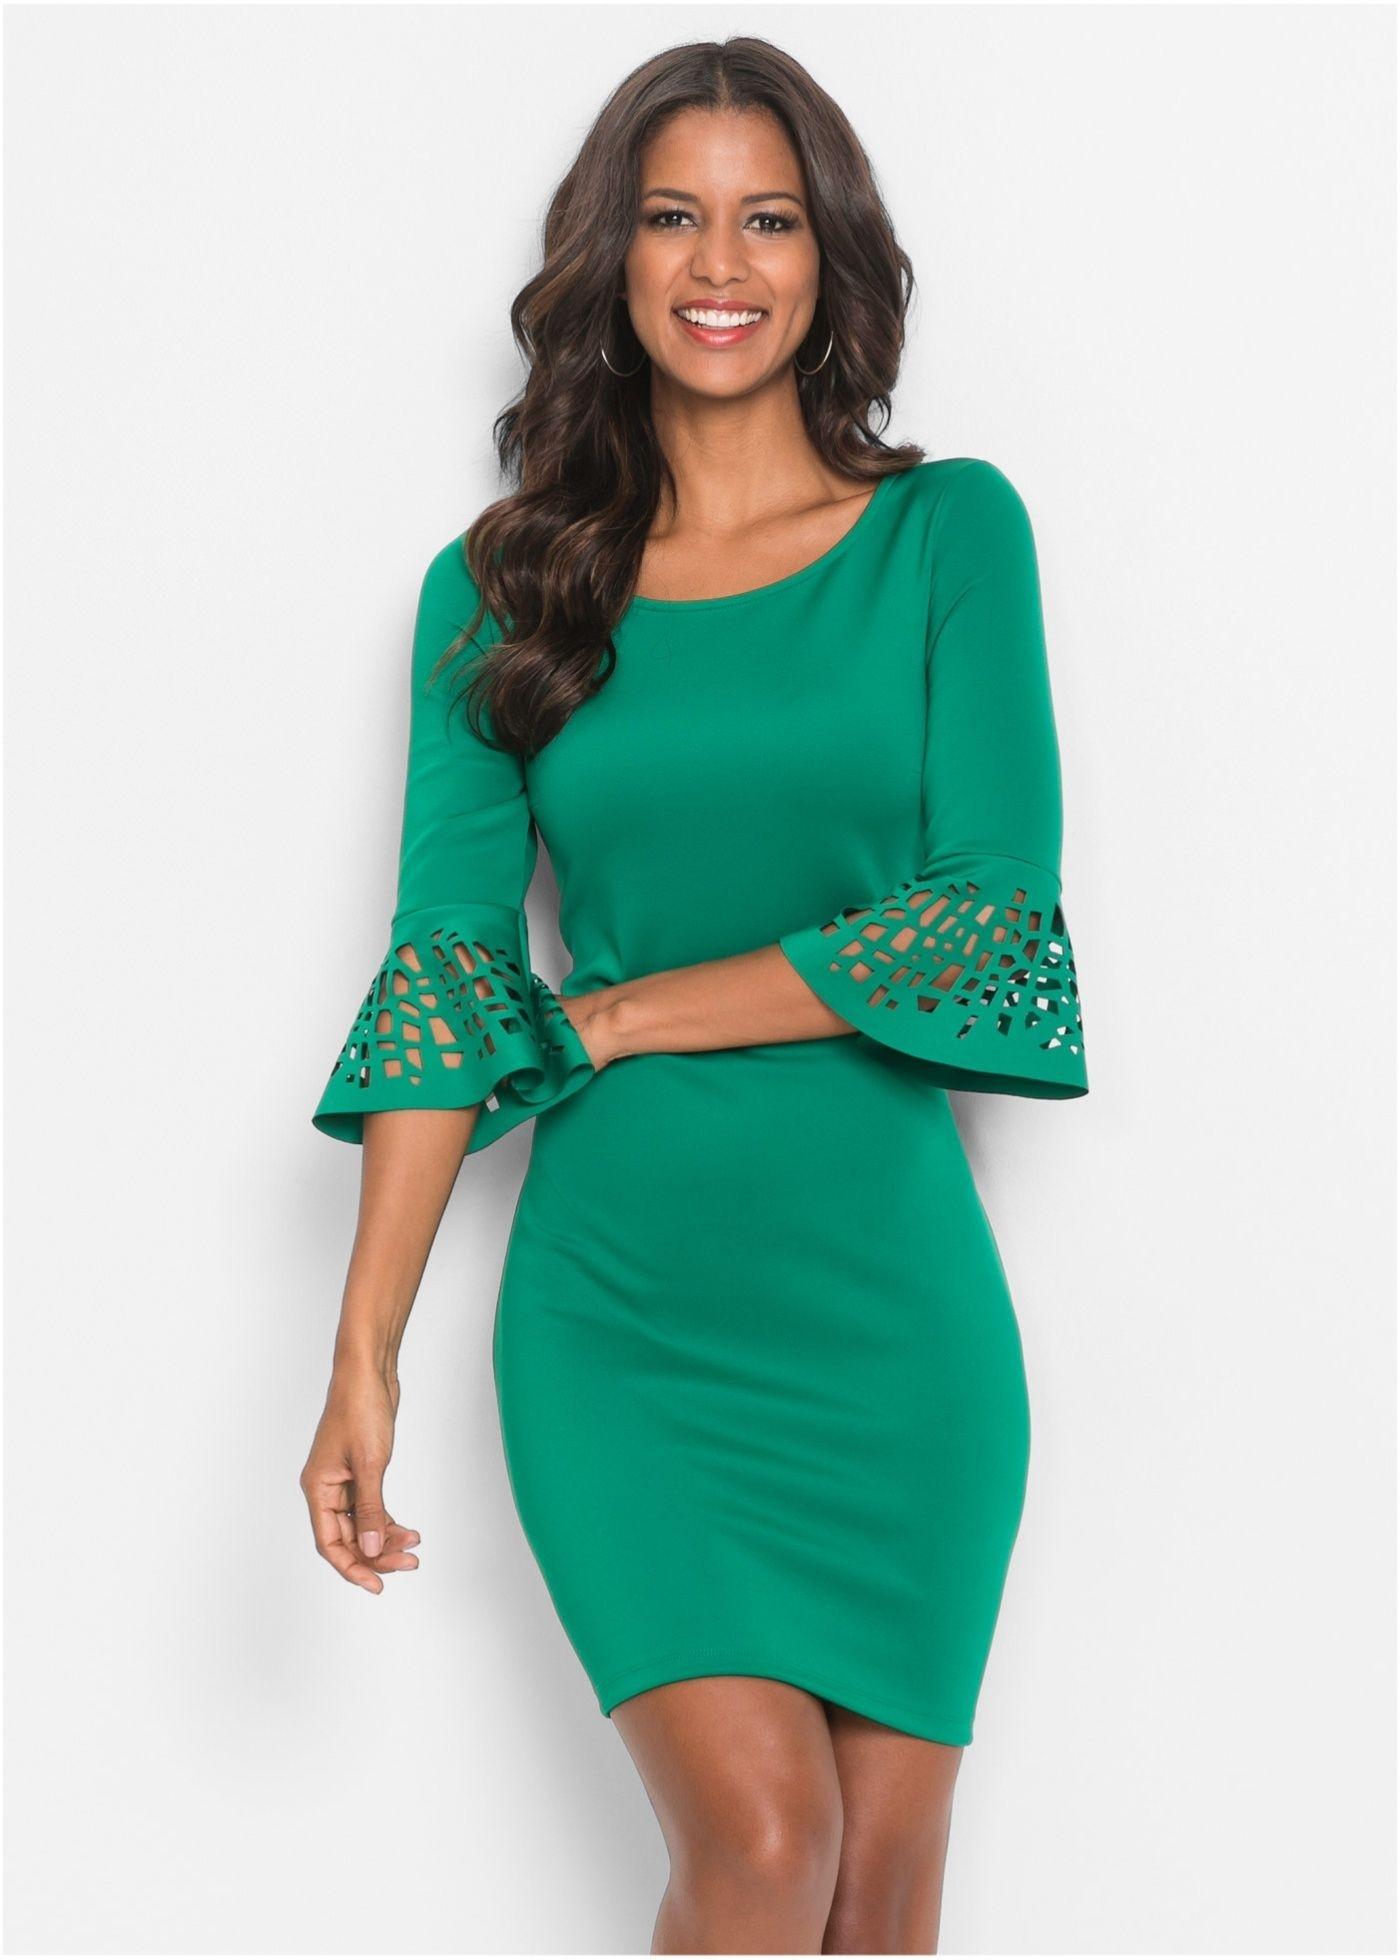 13 Elegant Kleid Mit Cut Outs Boutique17 Luxurius Kleid Mit Cut Outs Ärmel